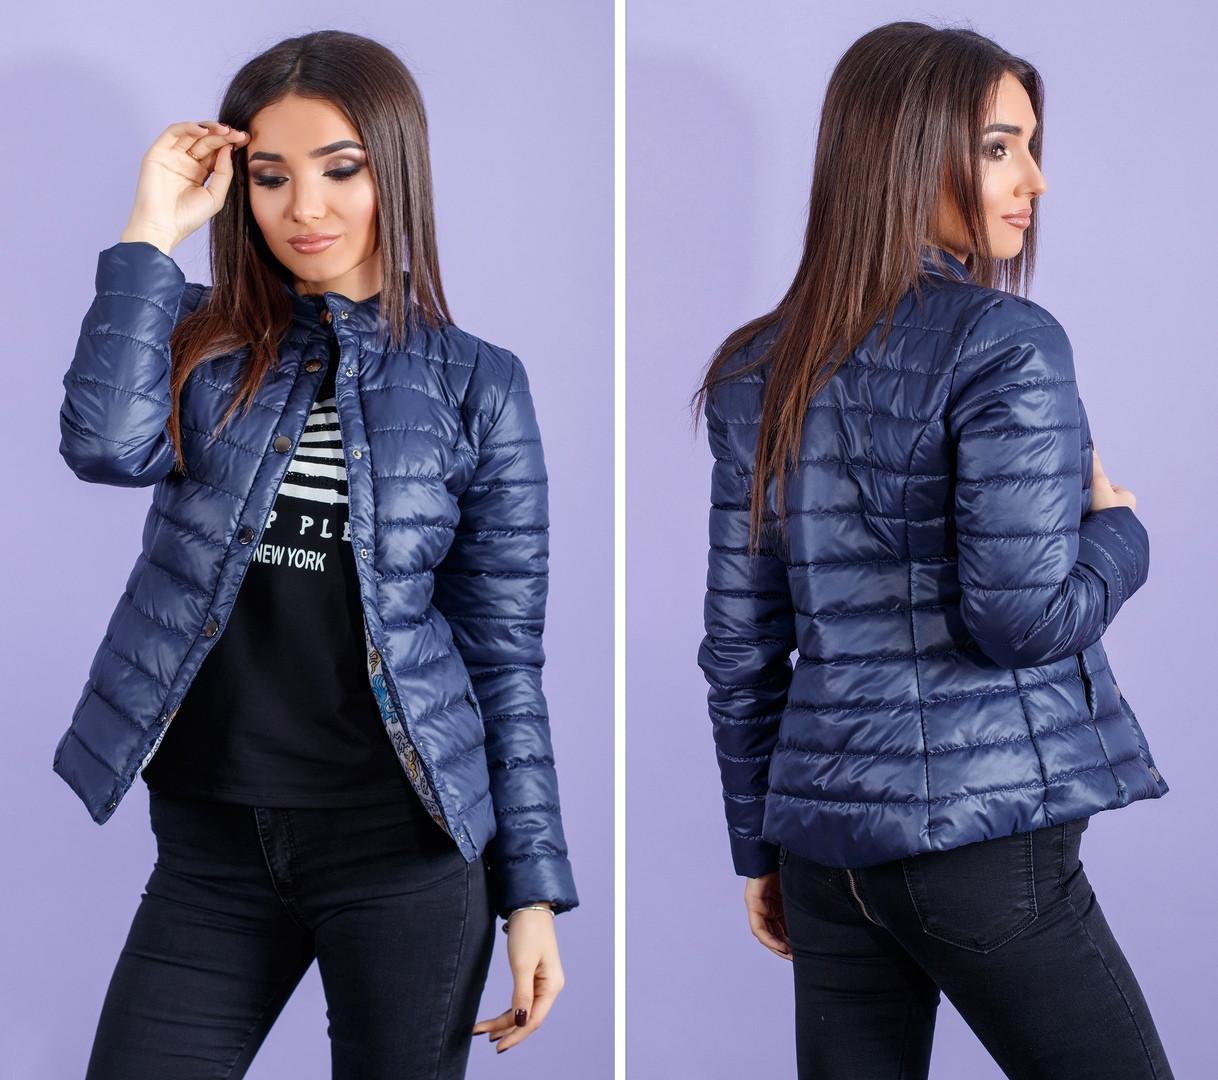 15198c0cc25 Короткая женская куртка весна   осень синтепон 100 - 100 Китайцев в Одессе